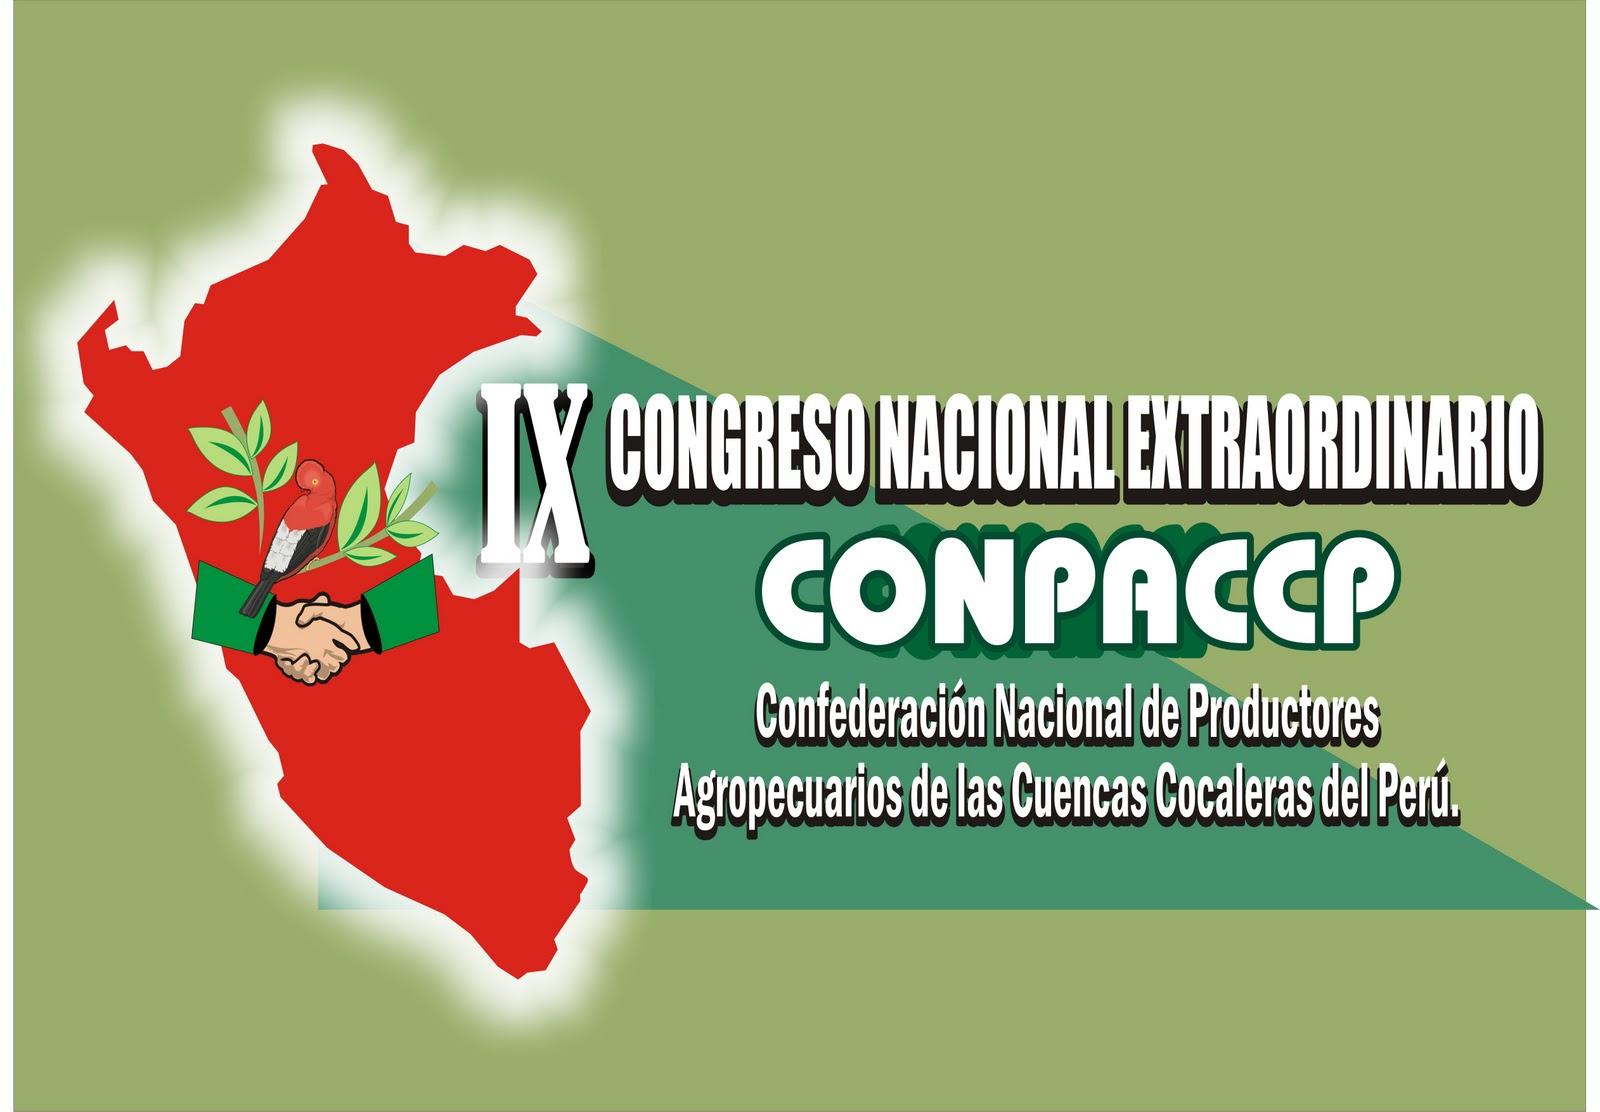 conpaccp.jpg